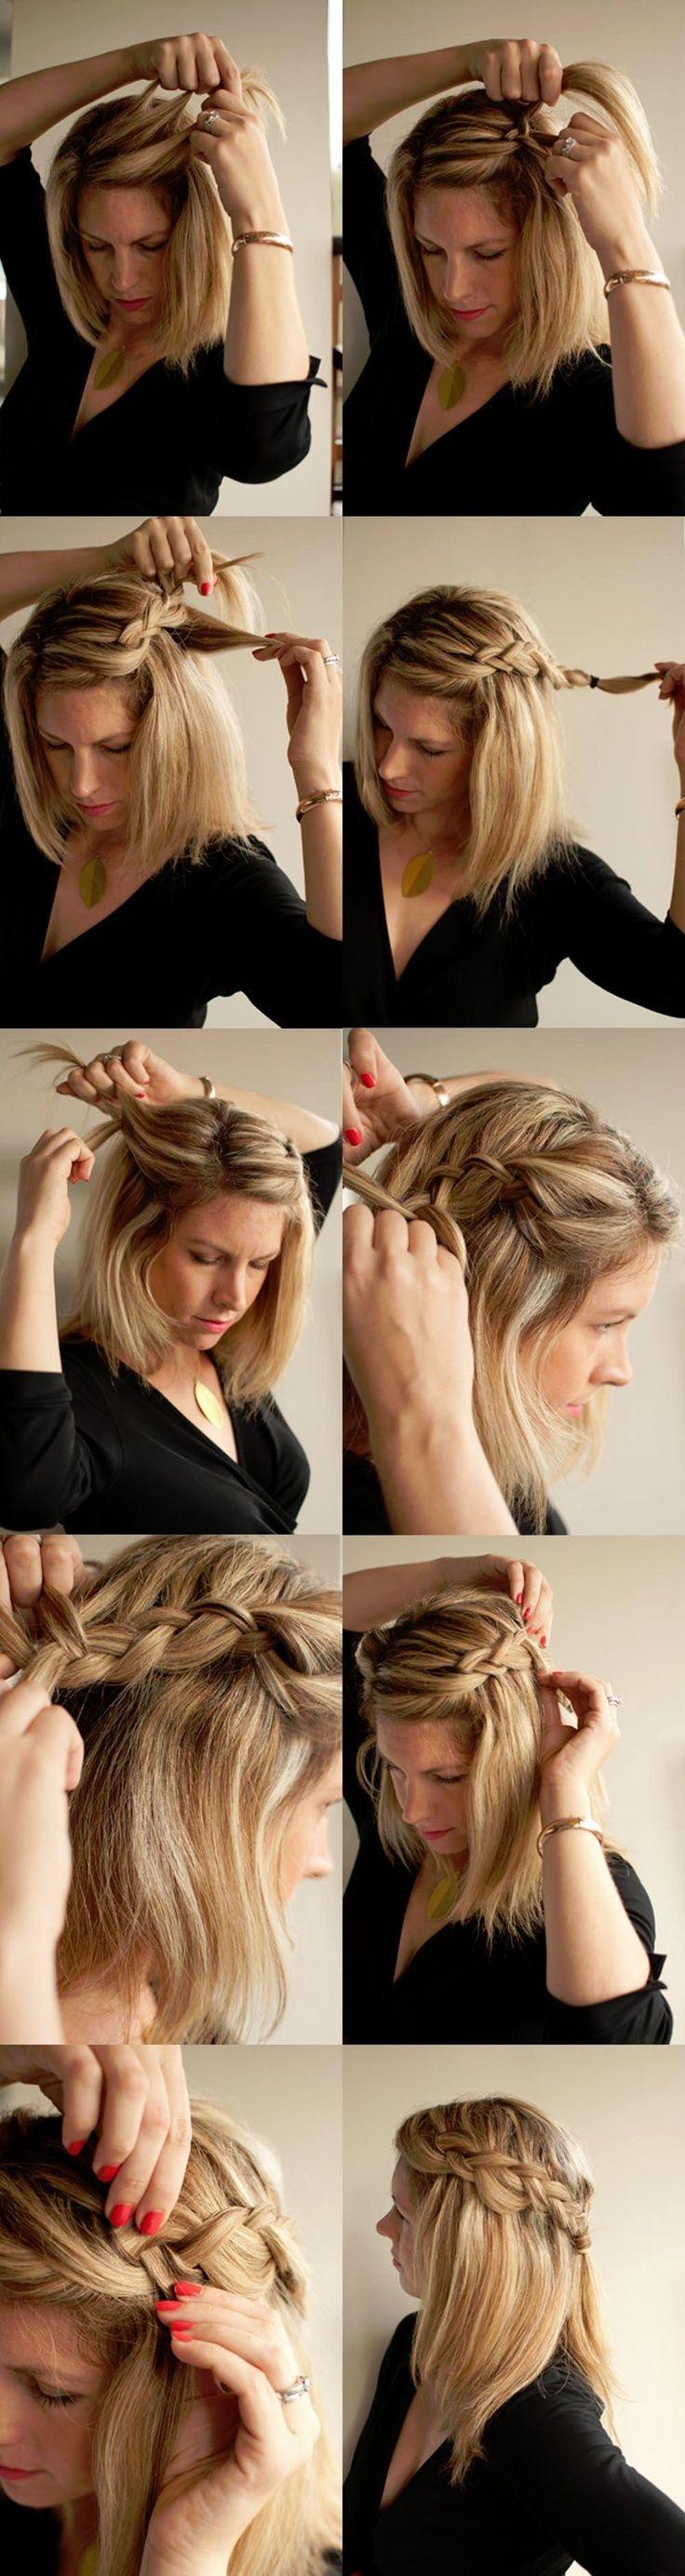 Причёски косички на средние волосы фото своими руками 1